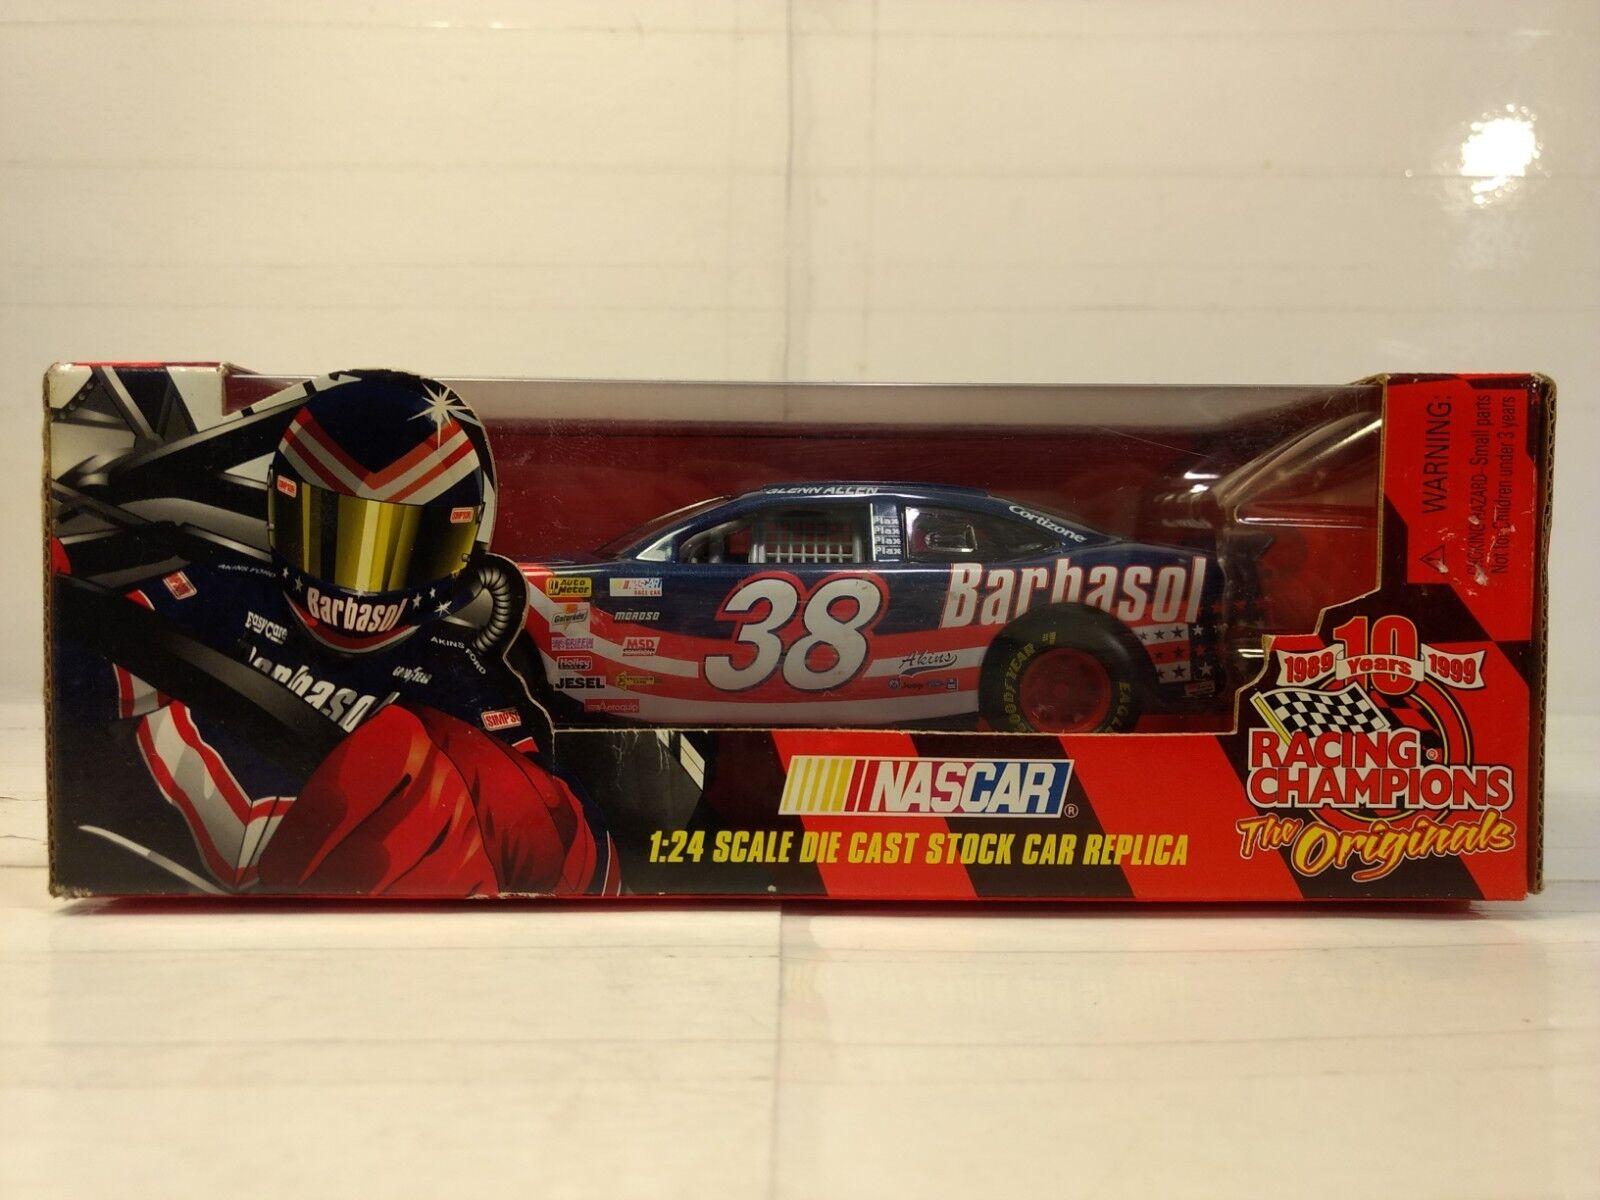 Racing Champions Glenn Inbus Barbasol Ford 1 24 Maßstab